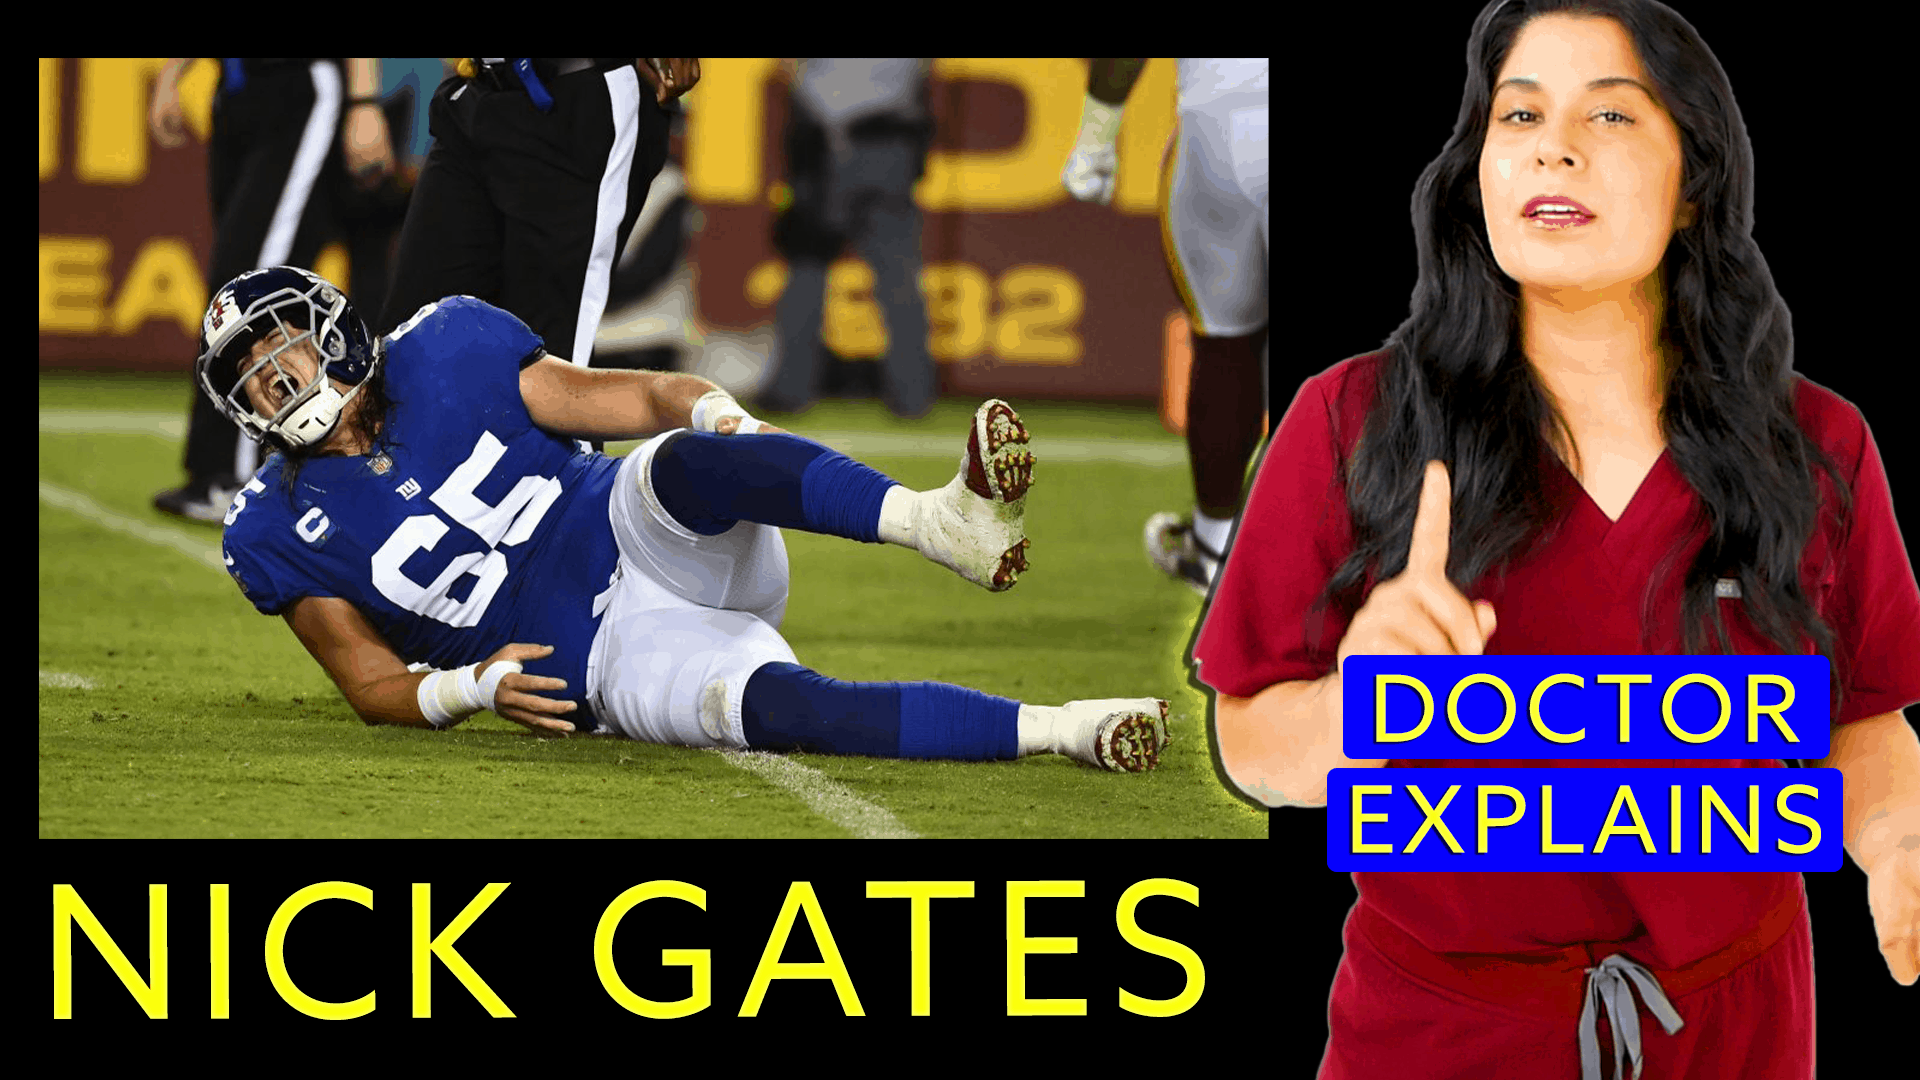 Nick gates injury